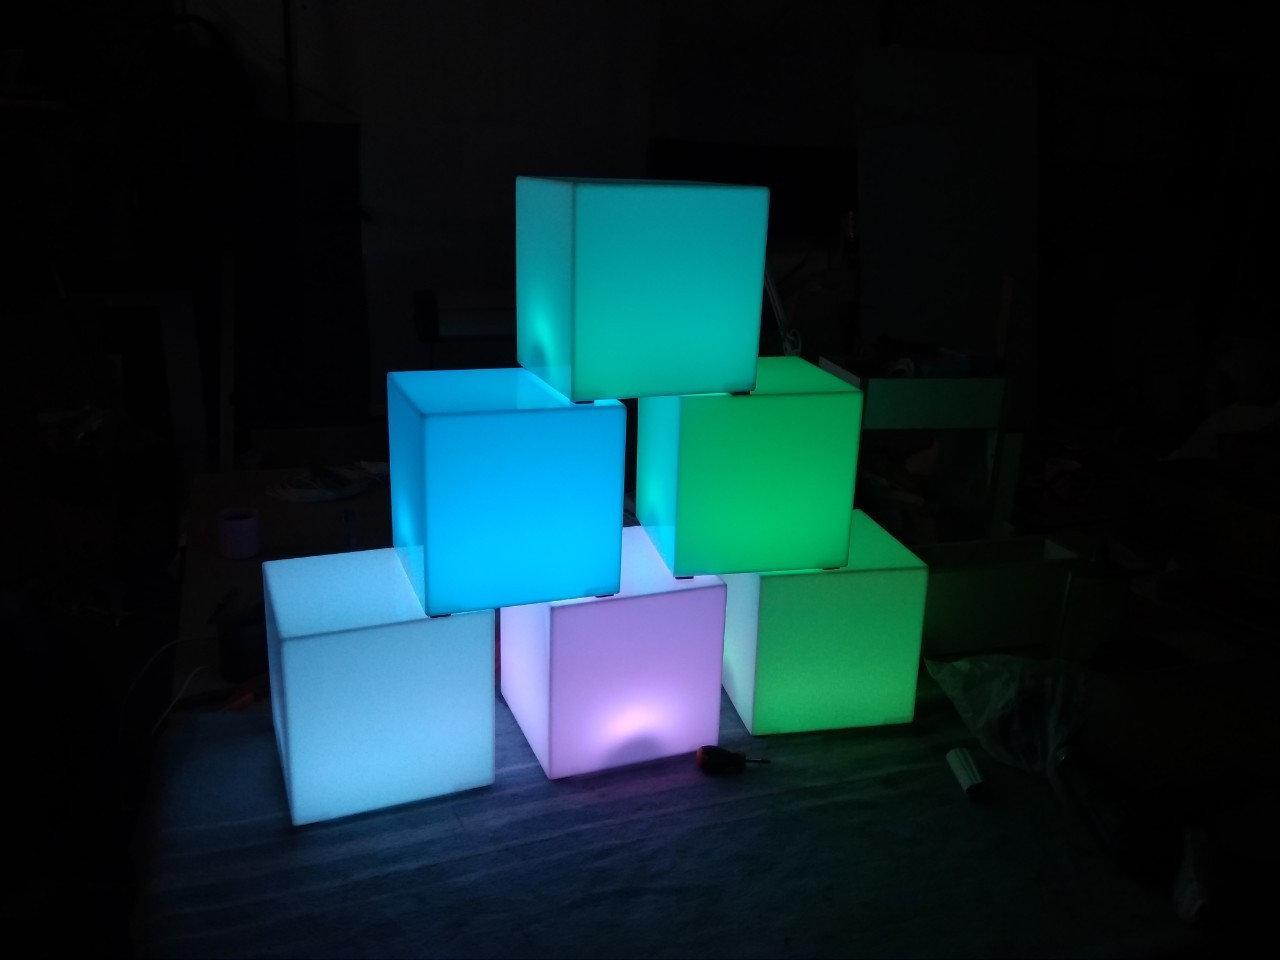 LED Світильник Куб 16 кольорів + режими